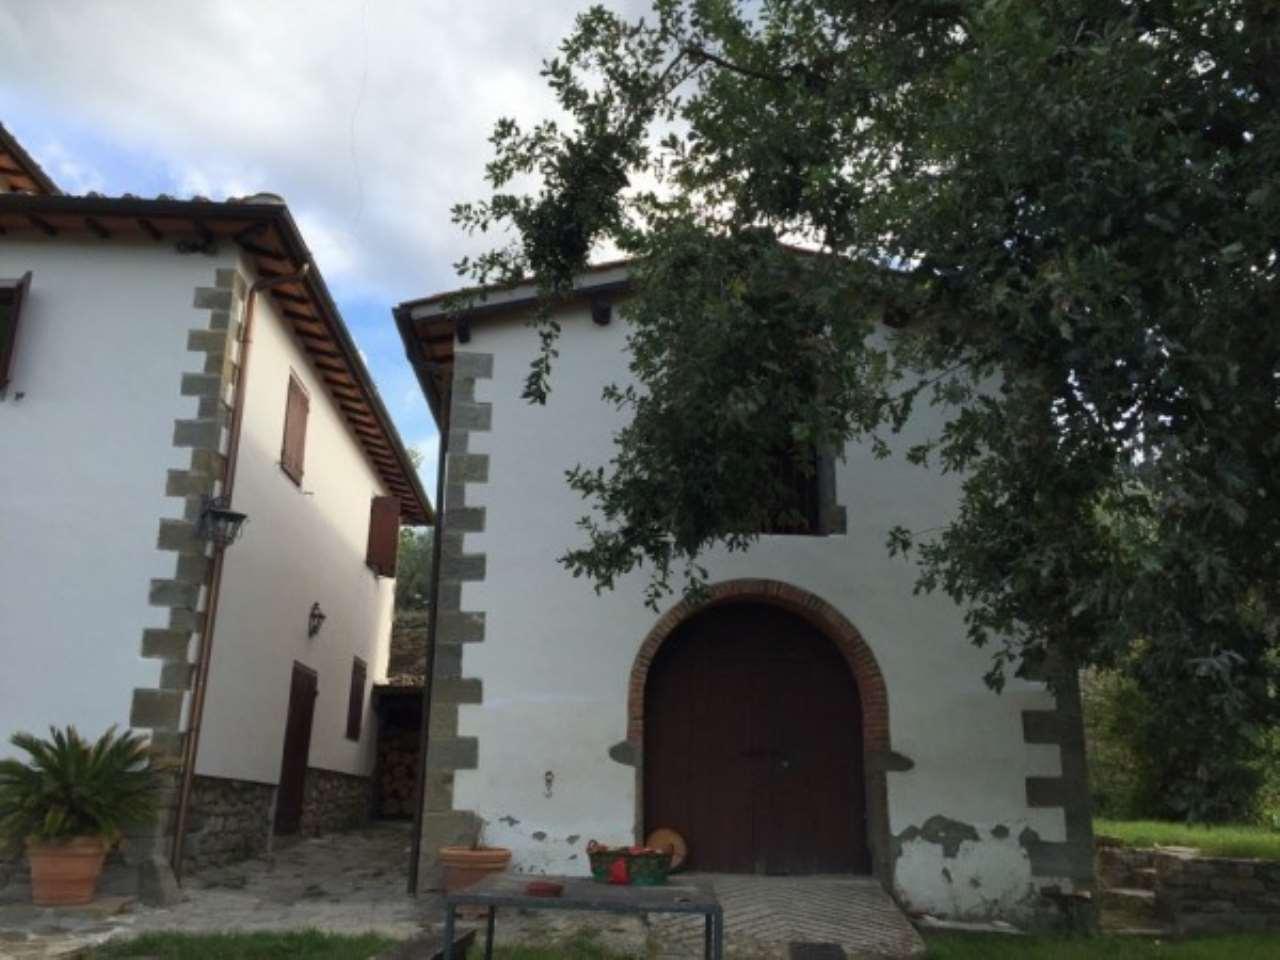 Rustico / Casale in vendita a Reggello, 6 locali, prezzo € 680.000 | Cambio Casa.it